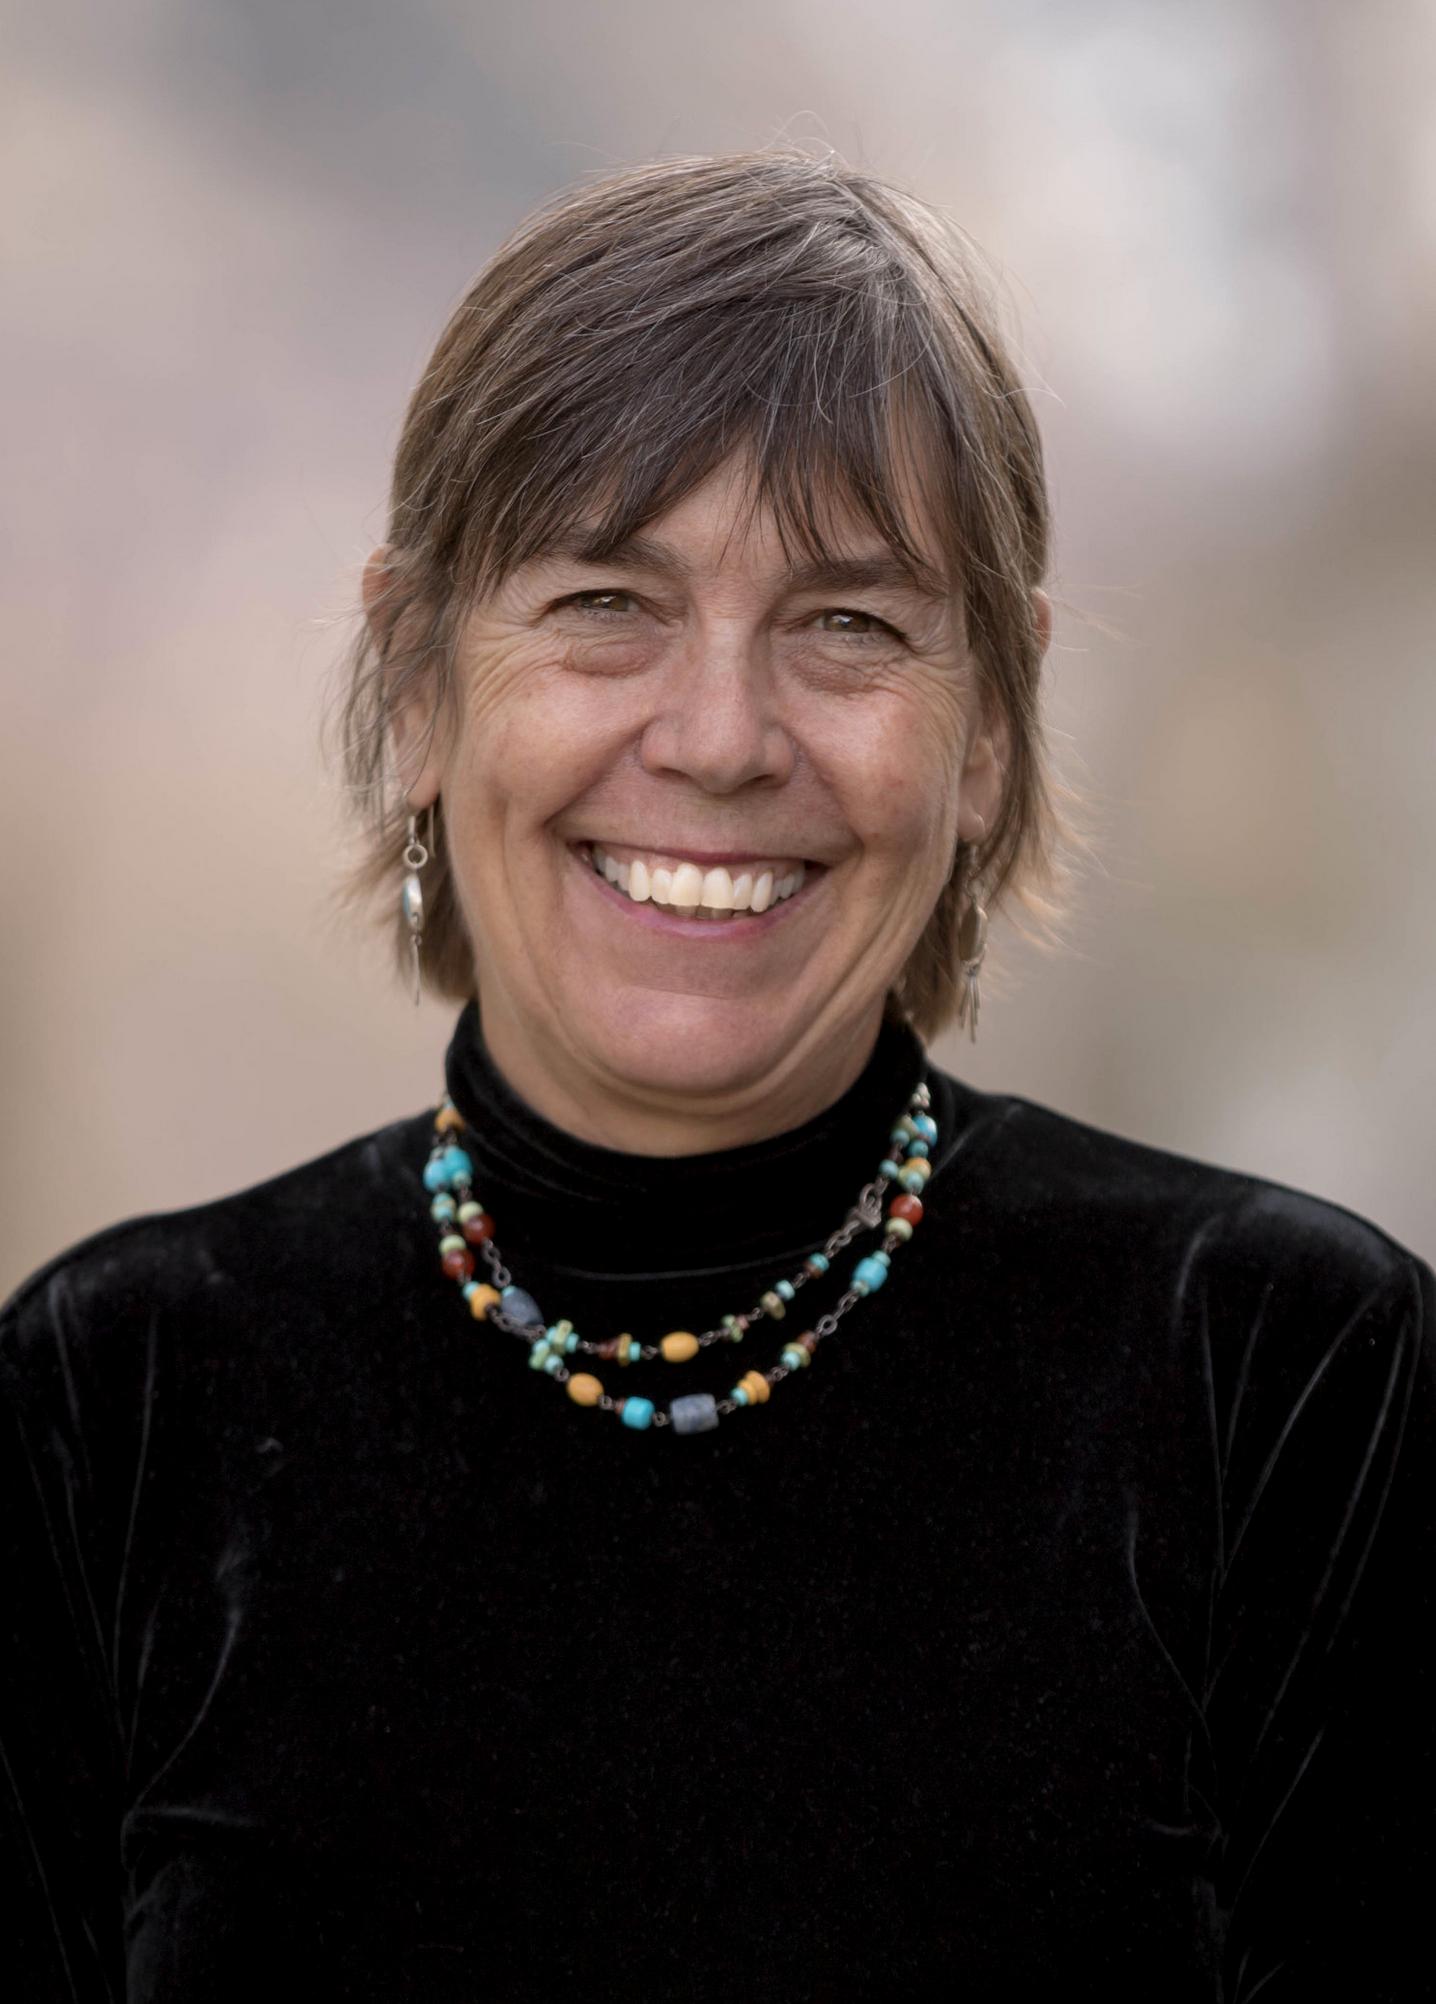 Pam McCreedy